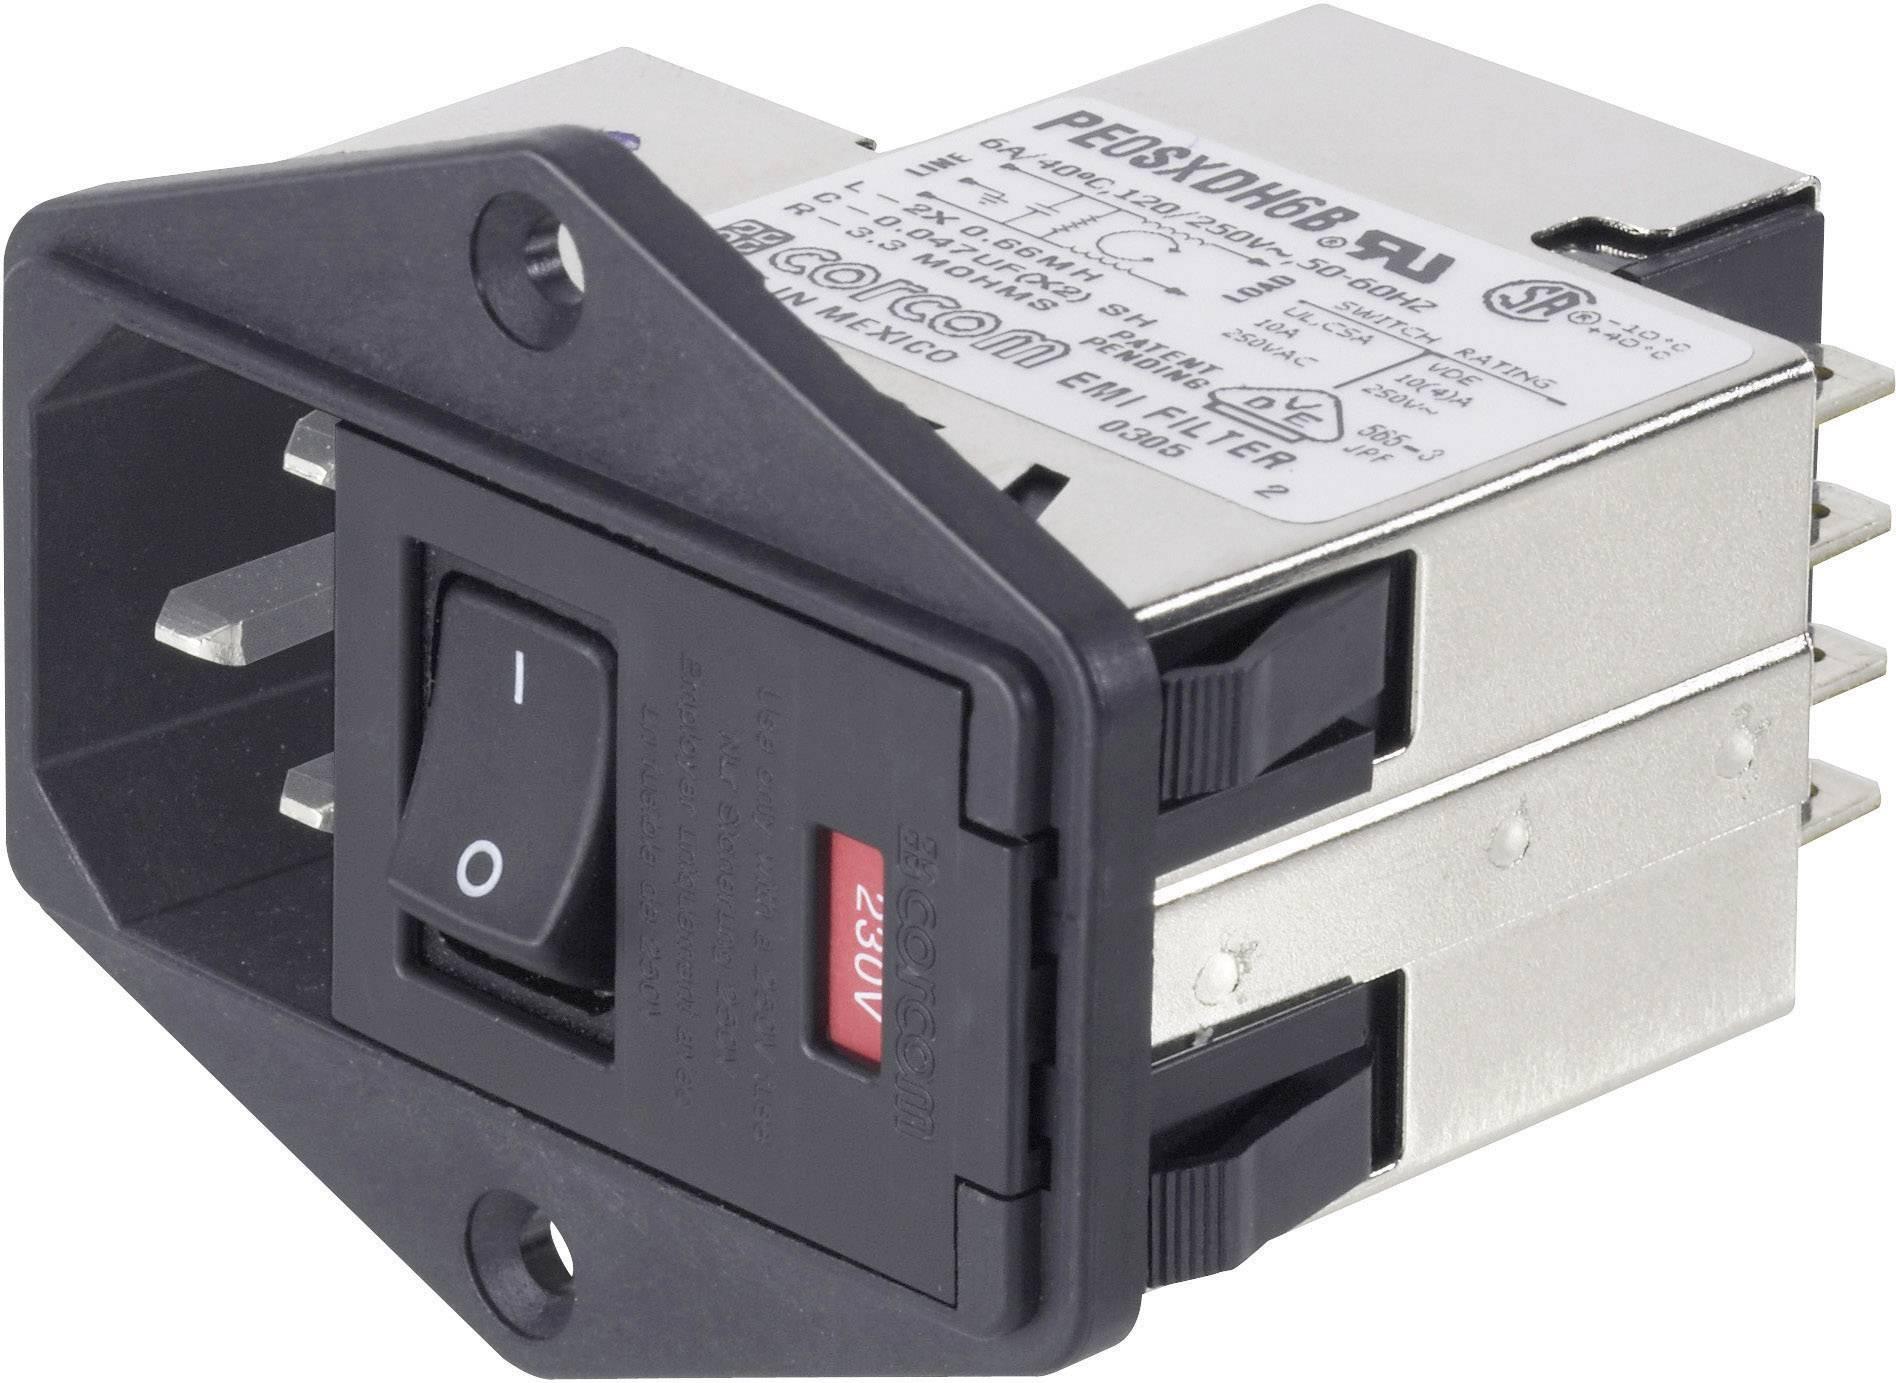 Sieťový filter TE Connectivity PS0S0DS3A=C1182 7-6609107-0, so spínačom, s dvoma poistkami, s IEC zásuvkou, 250 V/AC, 3 A, 1 ks